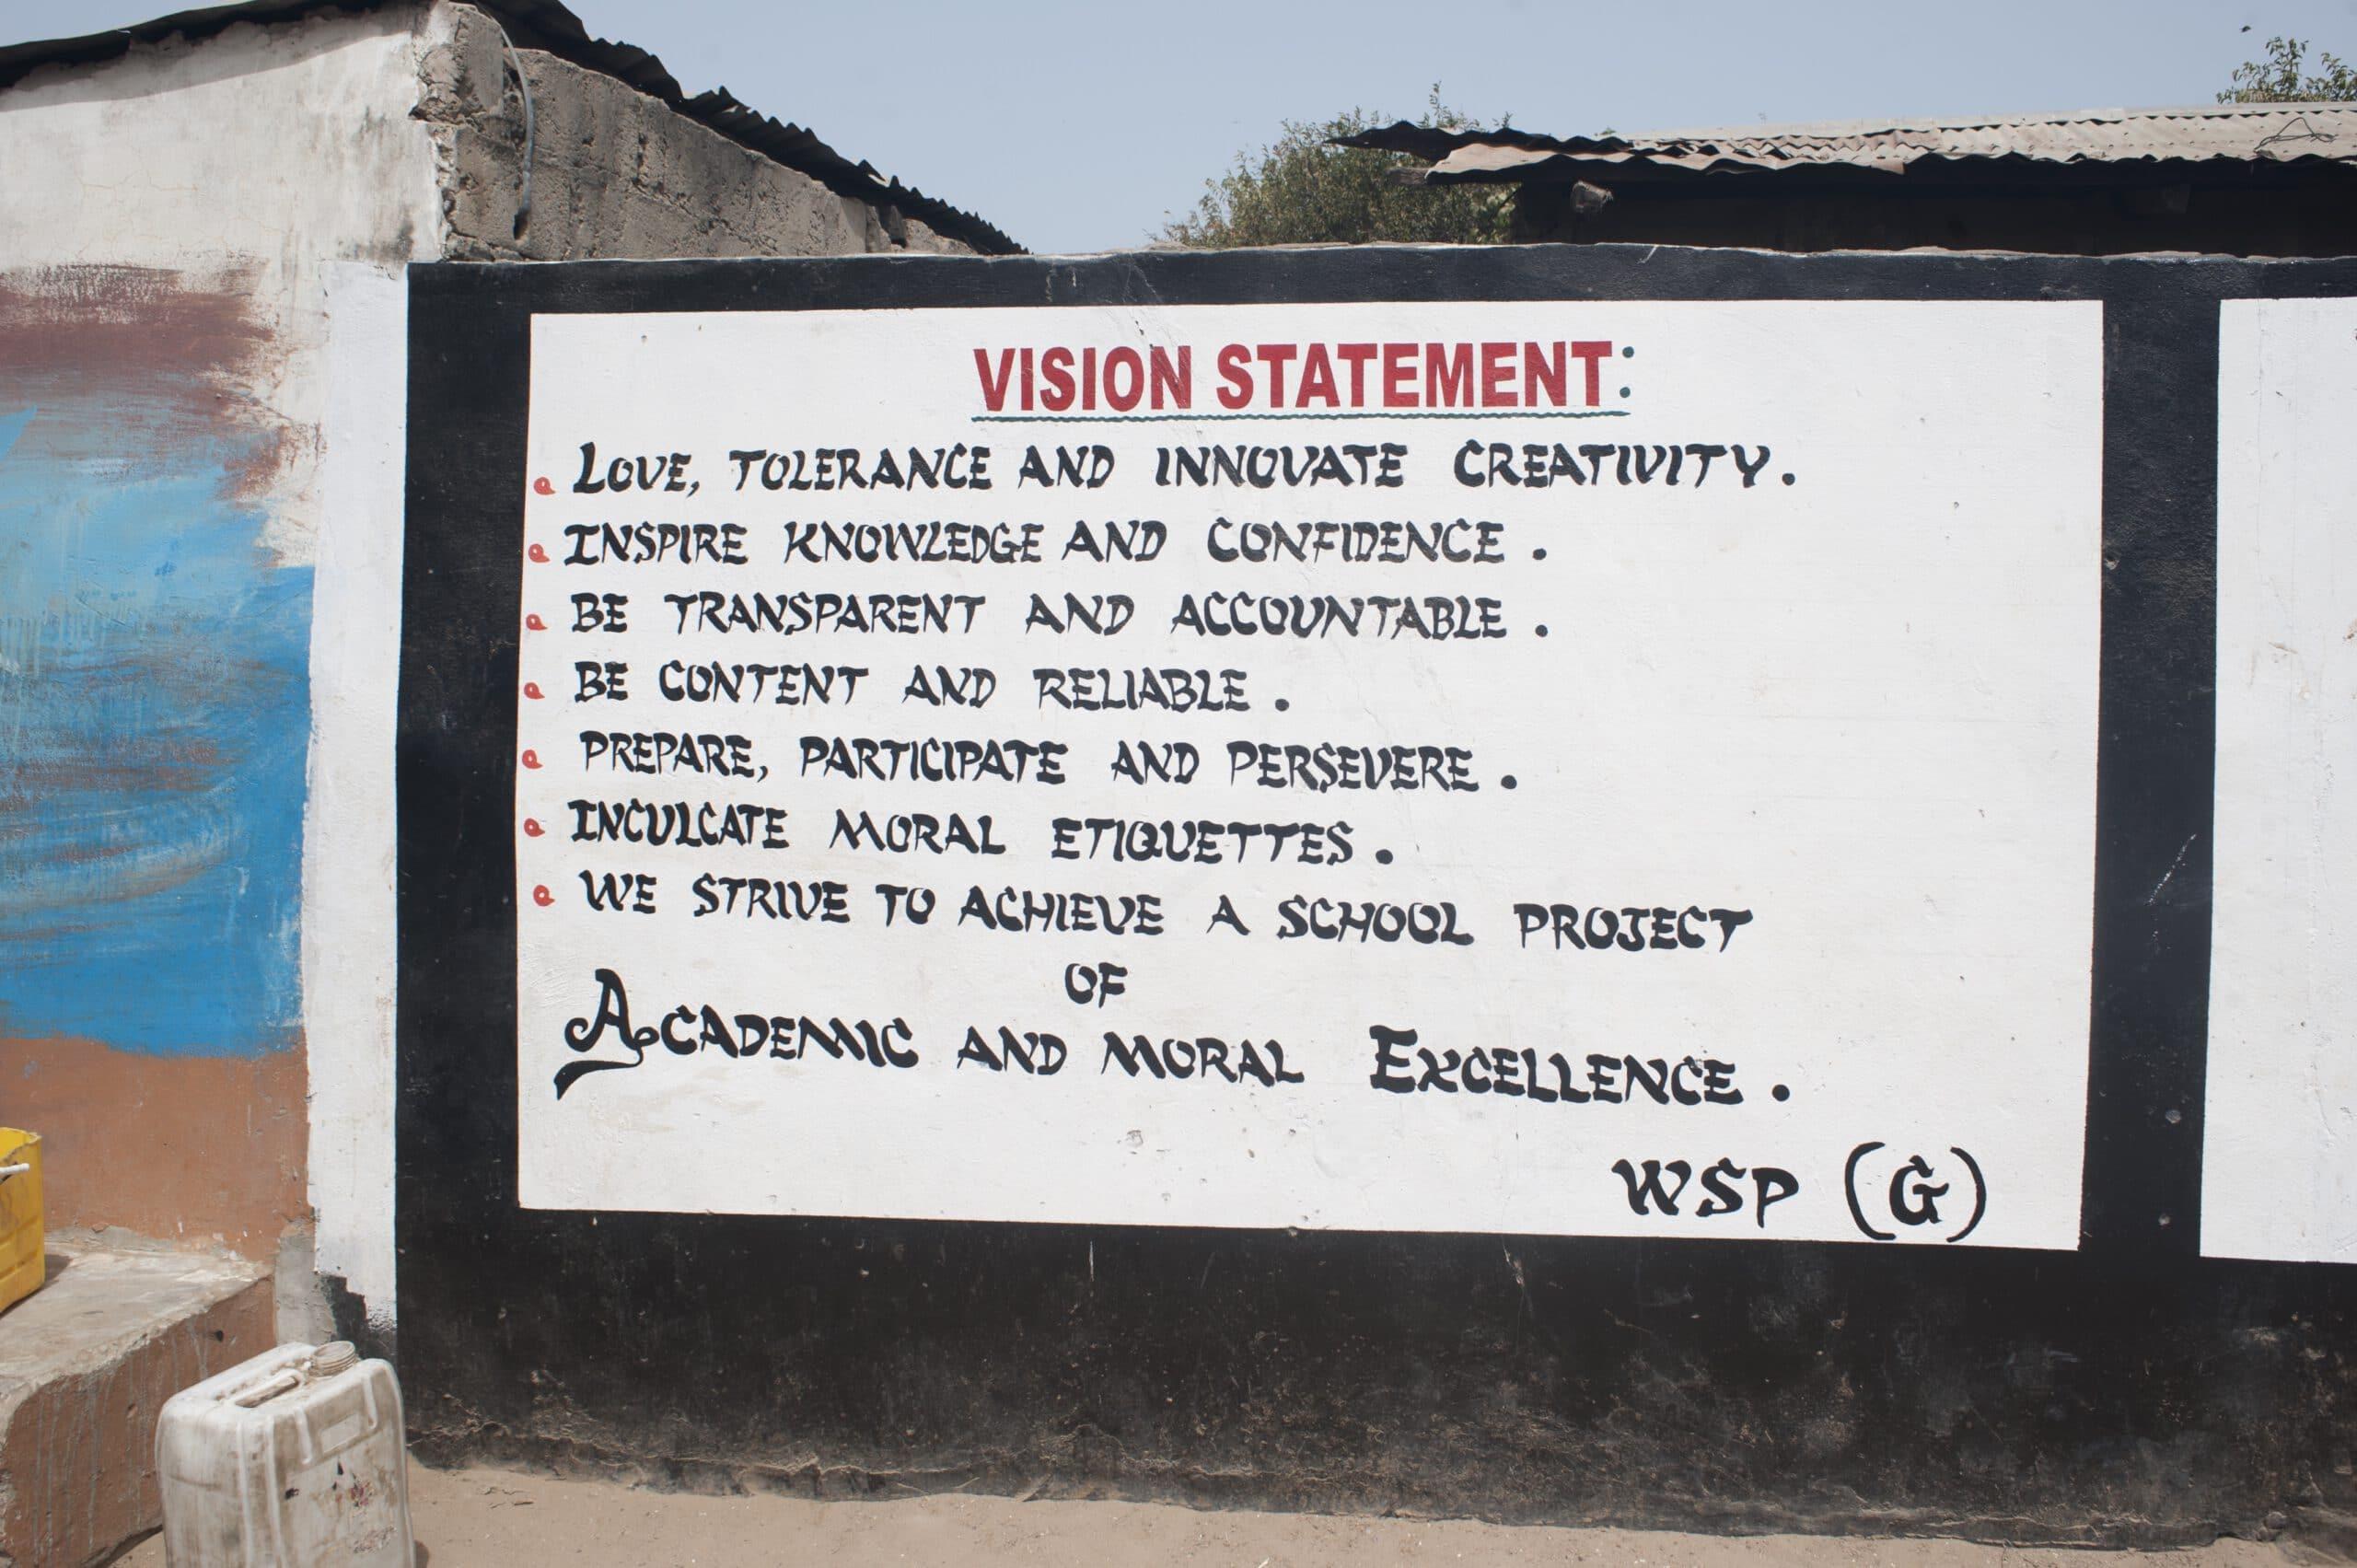 Onderwijs in Gambia,vision statement op de muur